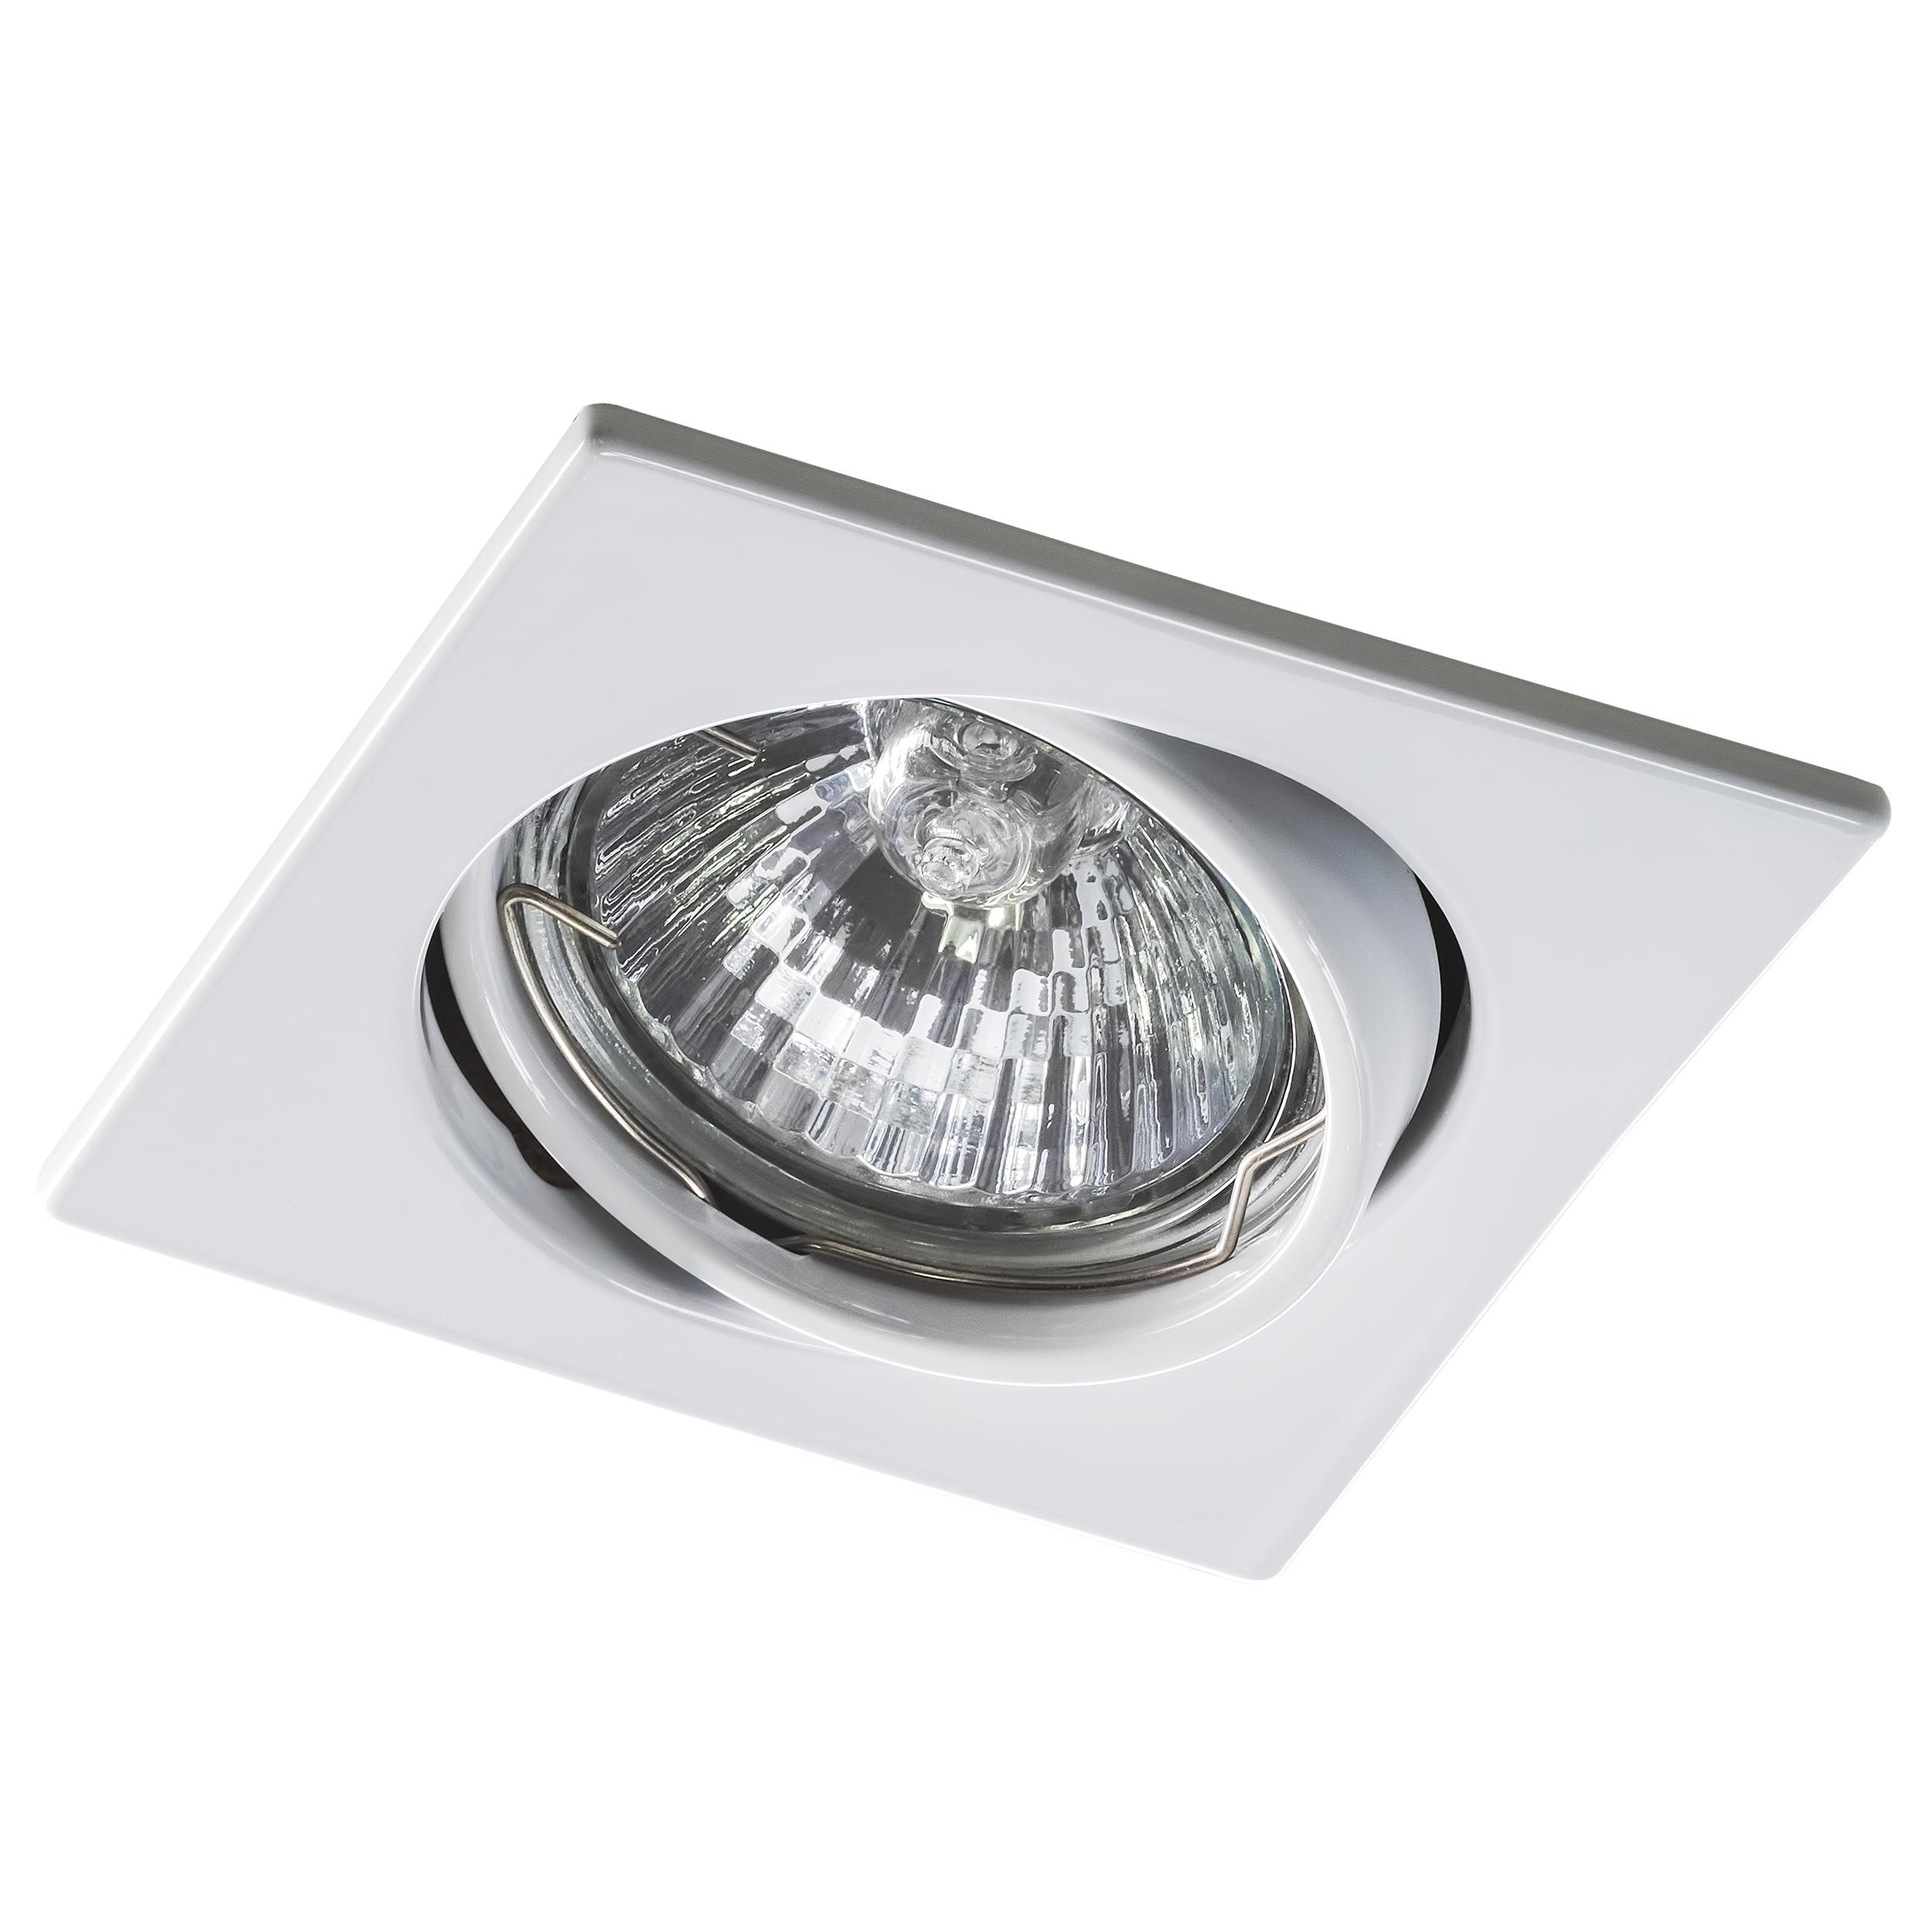 Встраиваемый светильник Lightstar Lega 16 011940, 1xGU5.3x50W, белый, металл - фото 1